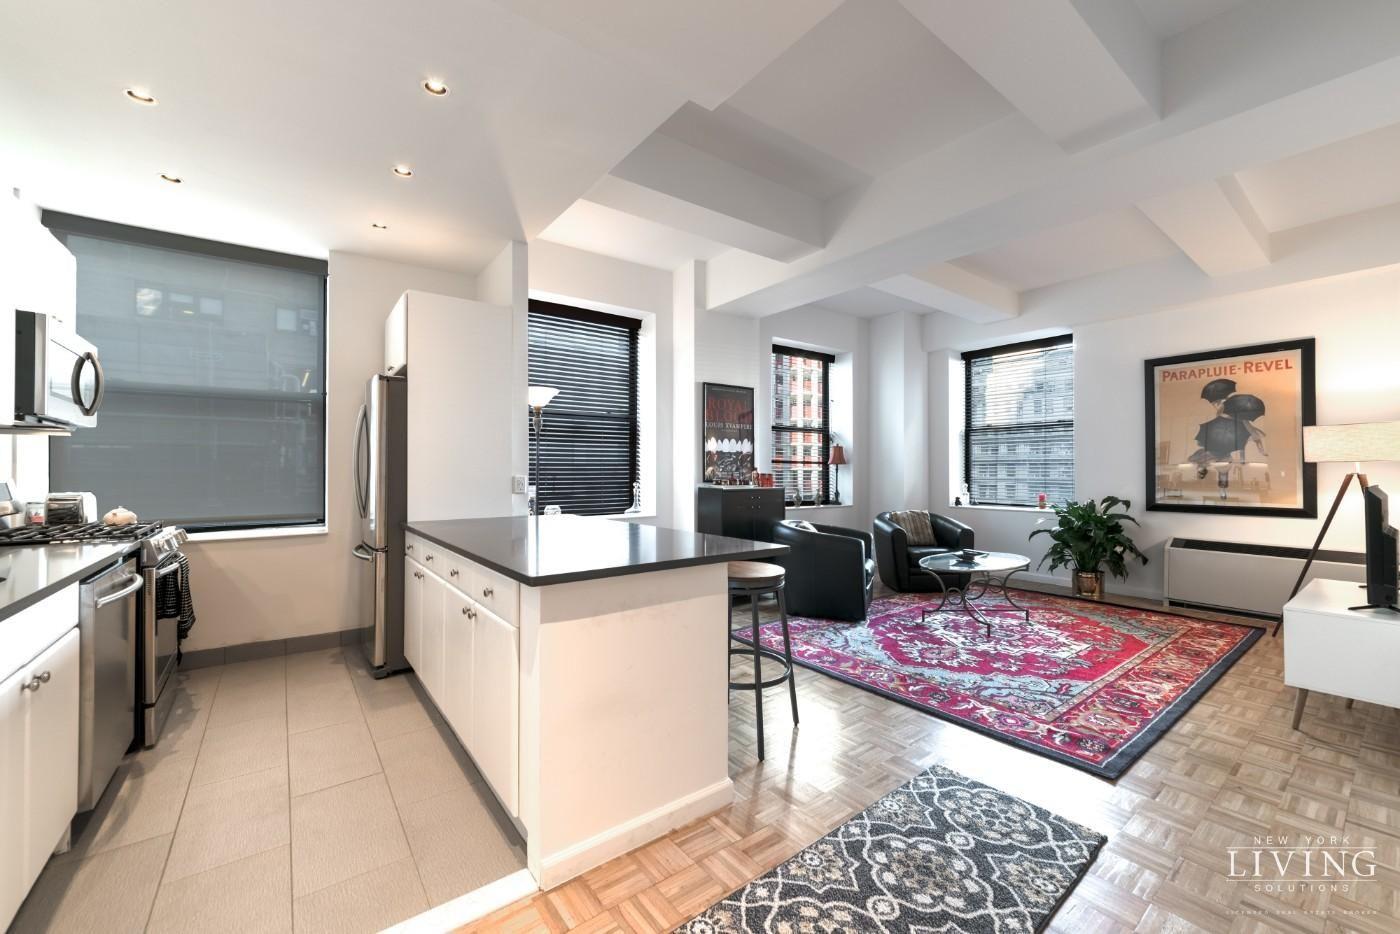 2 Bedrooms 2 Bathrooms Condo For Sale In Financial District Condos For Sale New York Condos Financial District